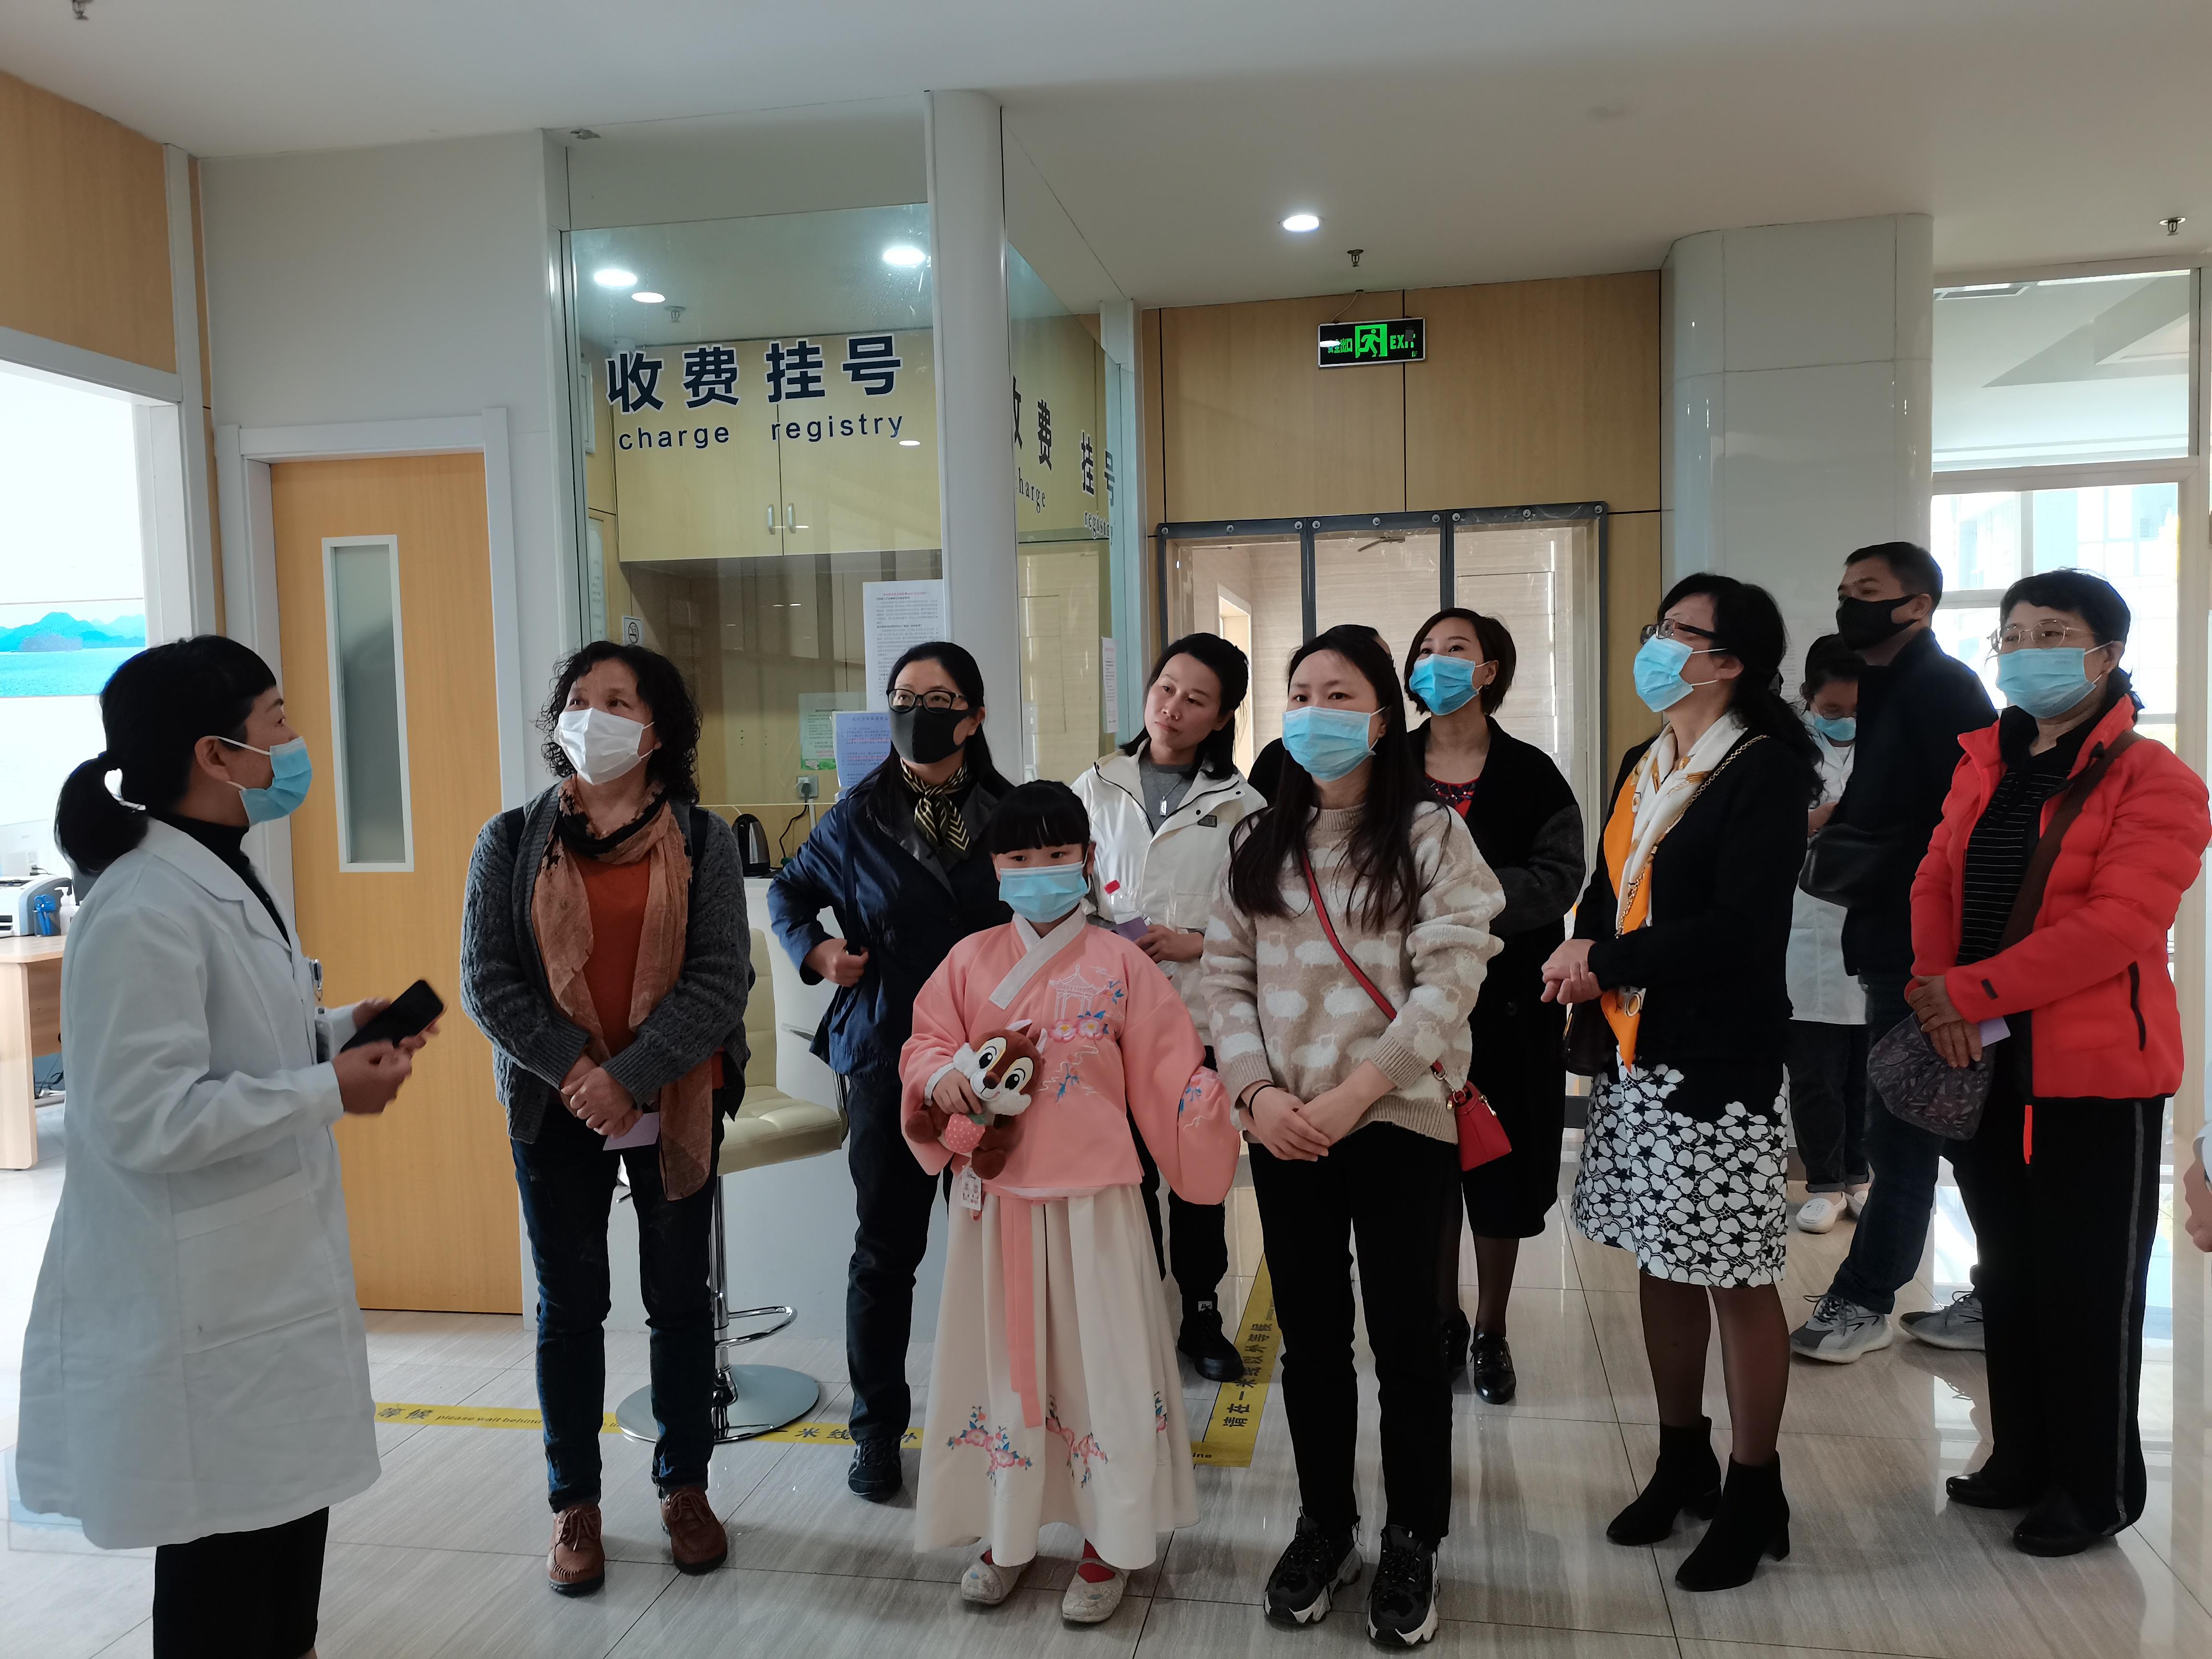 携手并进 让爱共赢 ——九三学社莅临国控医疗杭州中兴医院参观指导